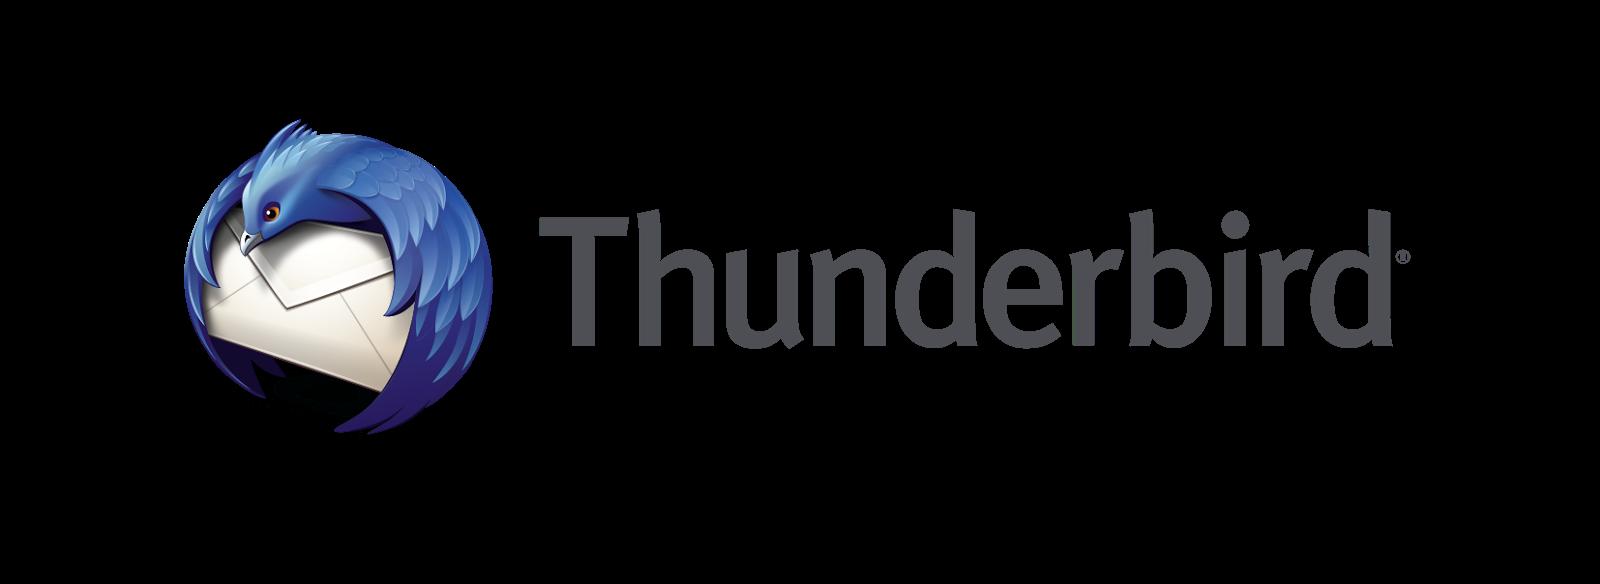 تحميل برنامج thunderbird  الايميل للكمبيوترمجانا